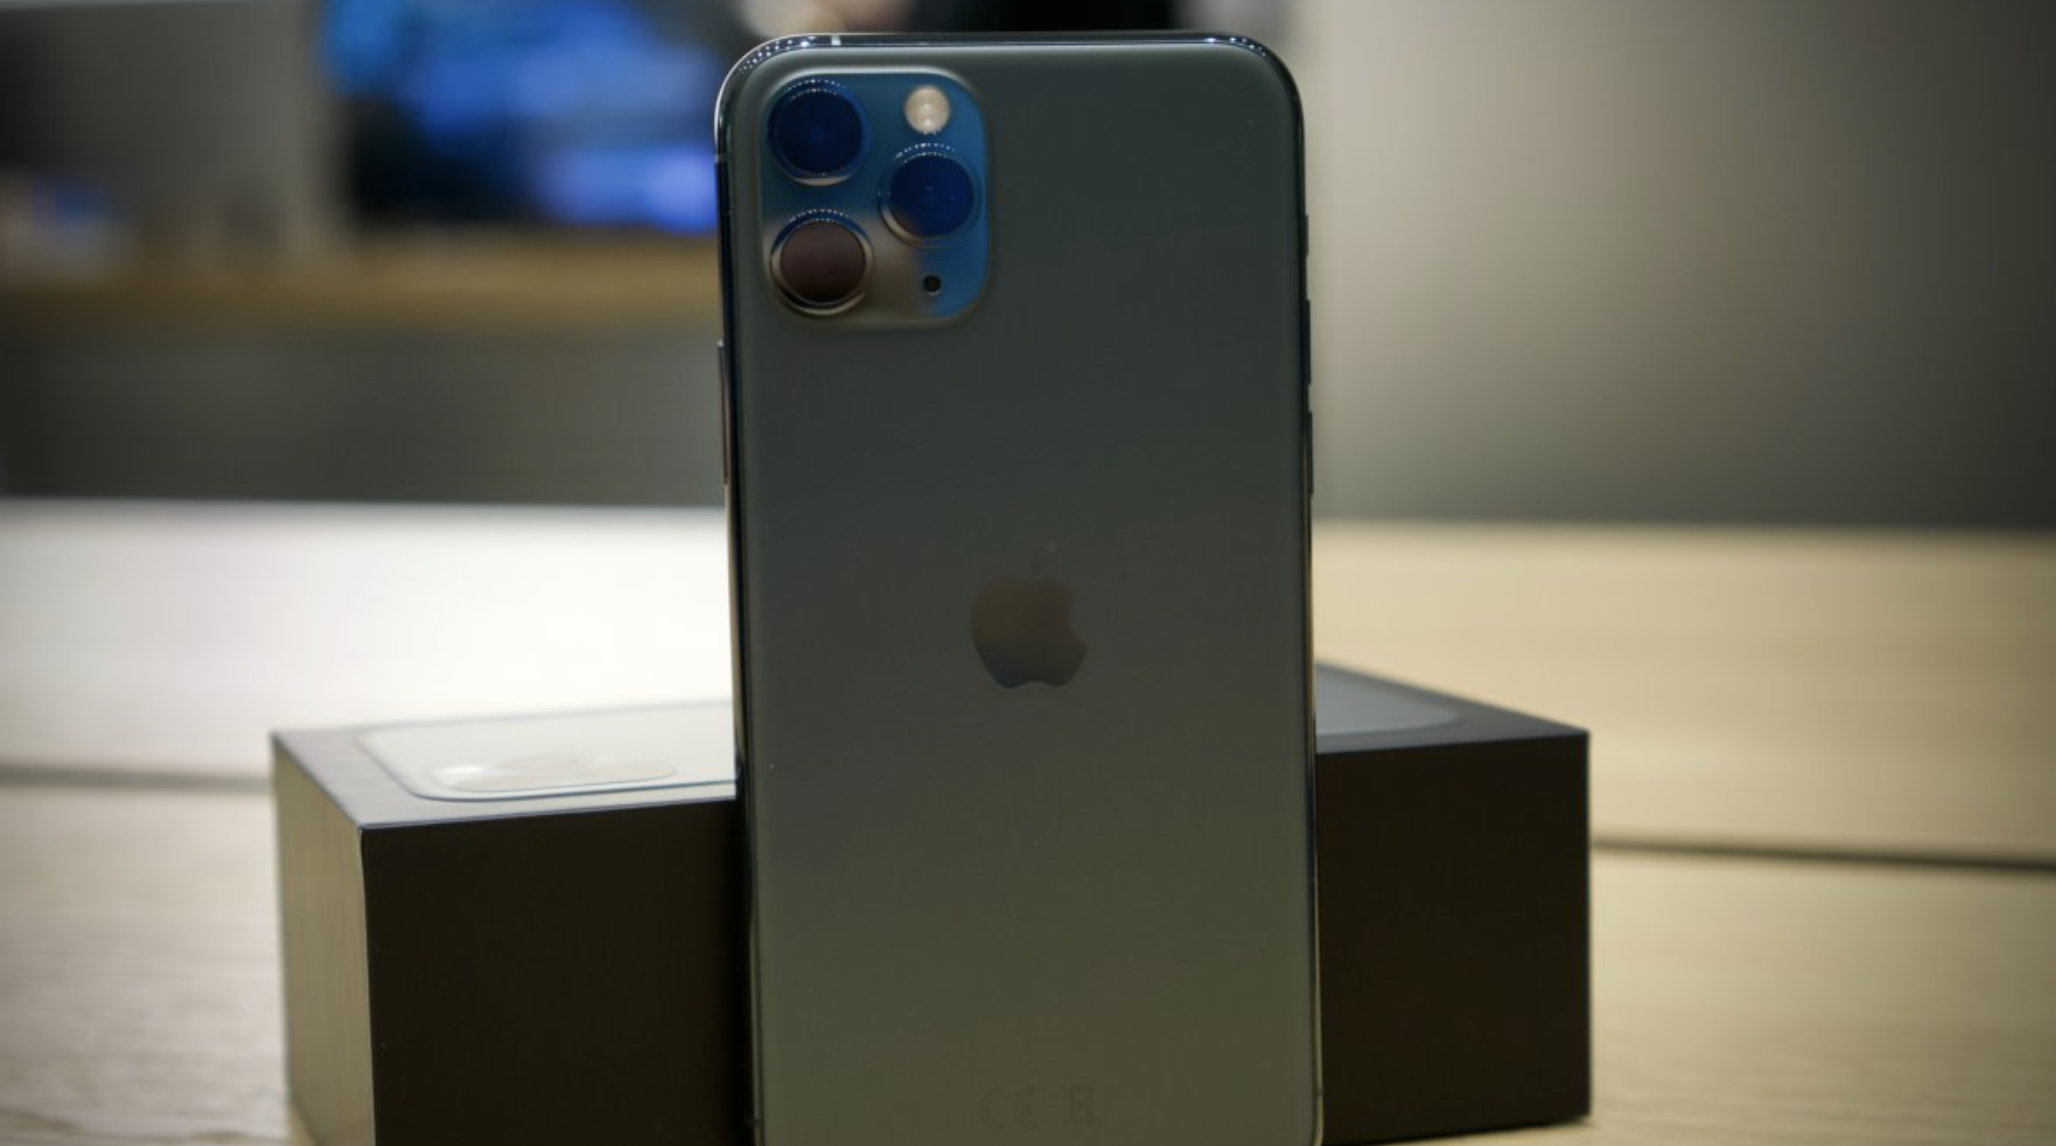 Vajon melyik iPhone akkumulátora bírja a legtovább egy feltöltéssel?